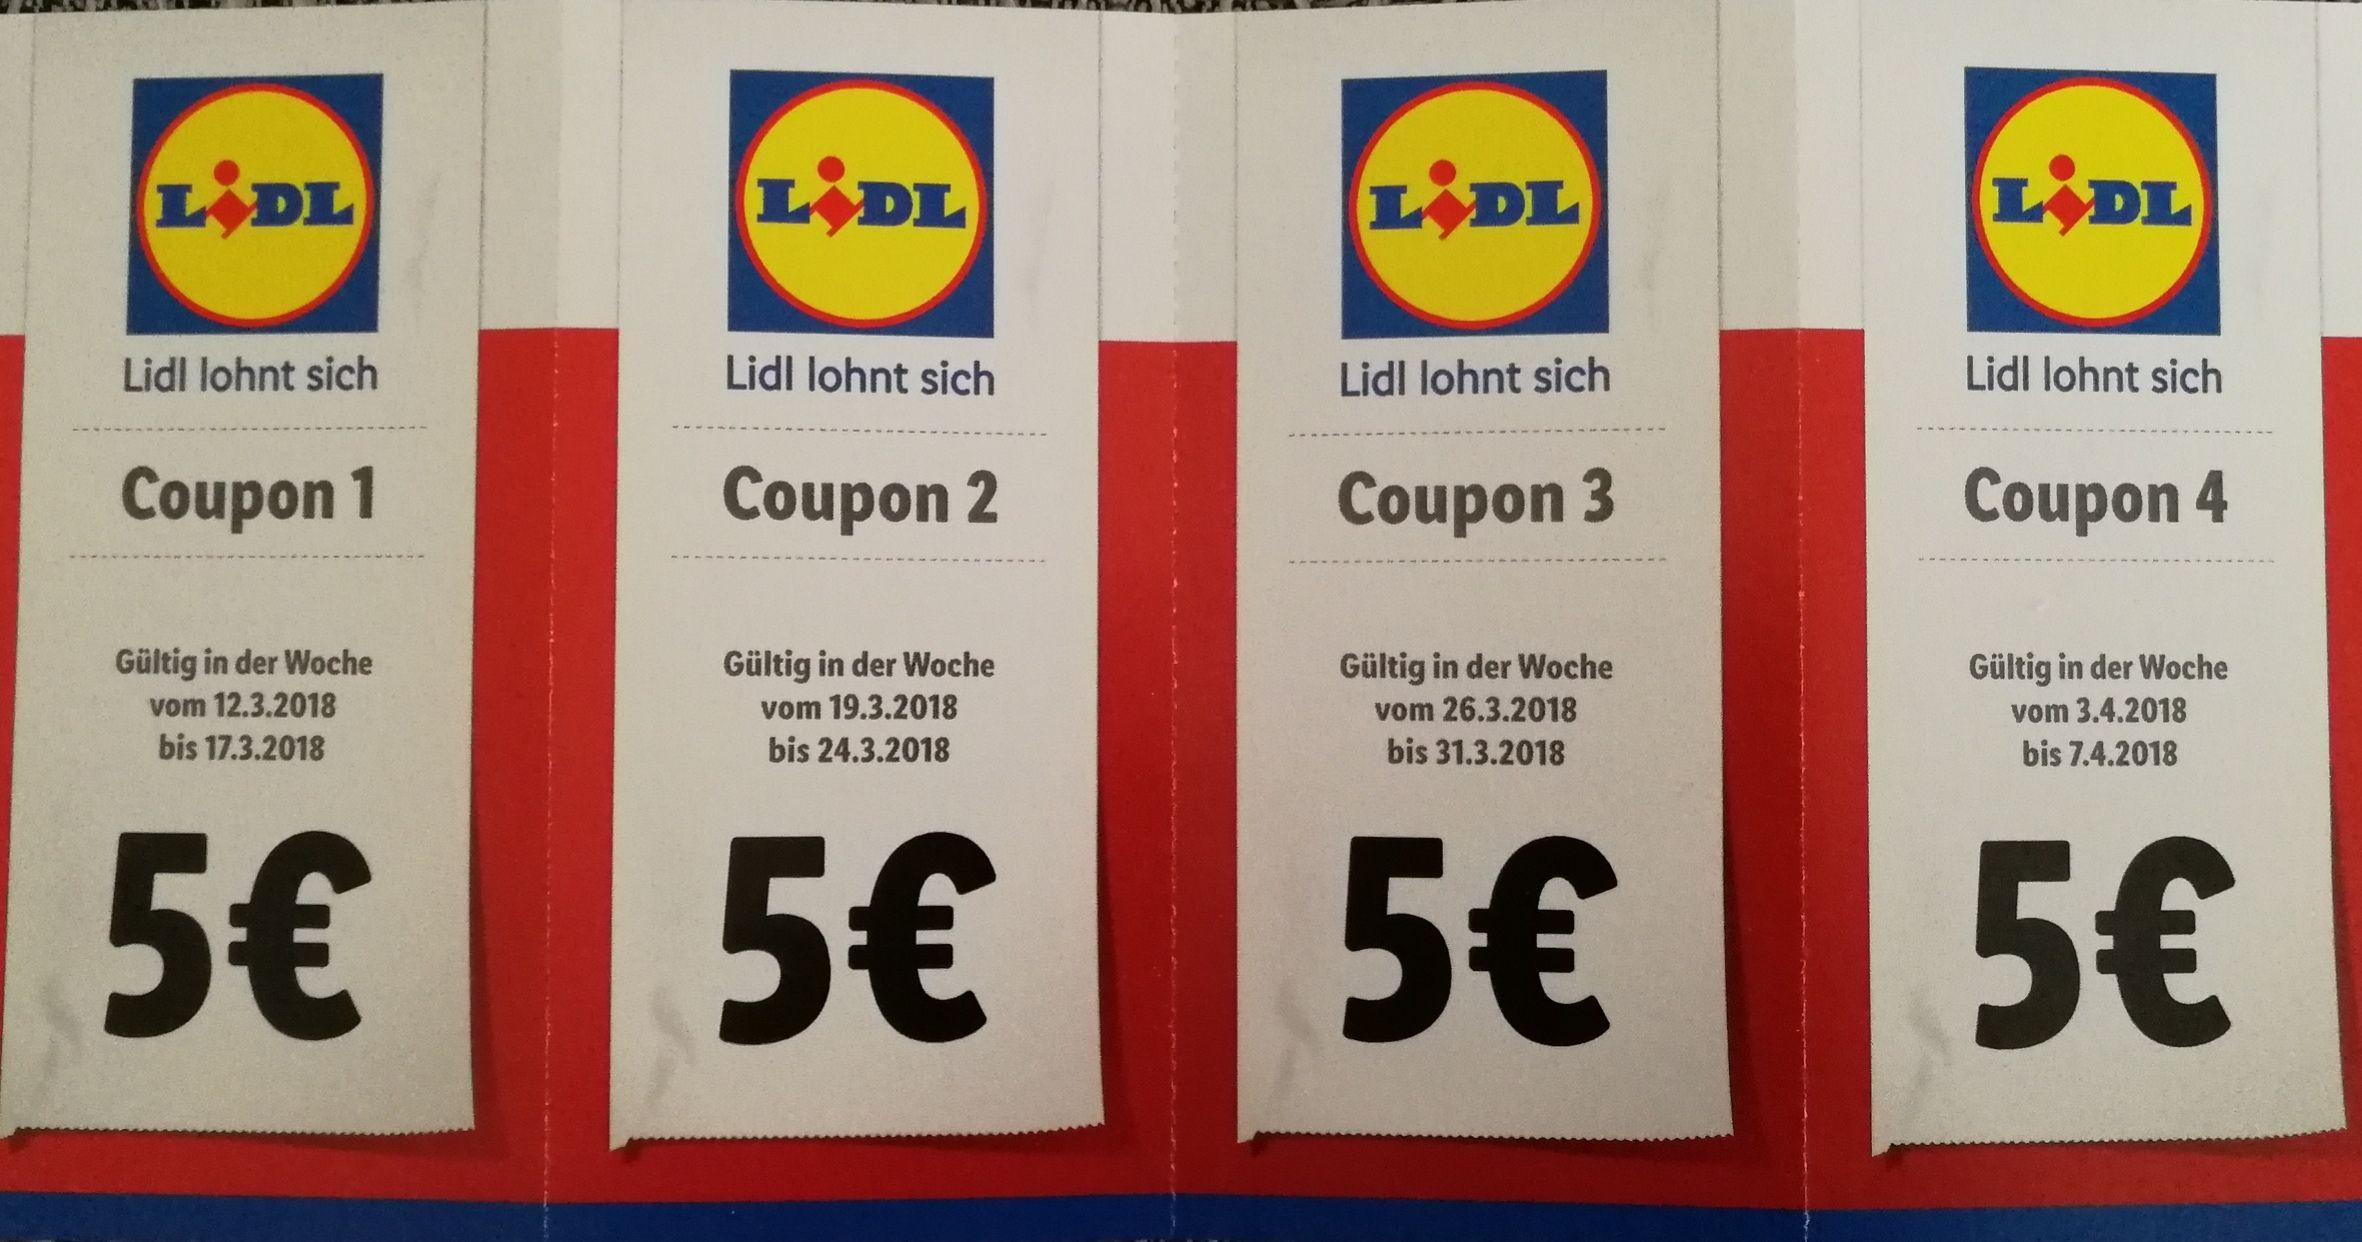 5 Euro Rabatt Coupon Lidl Spiesen Elversberg